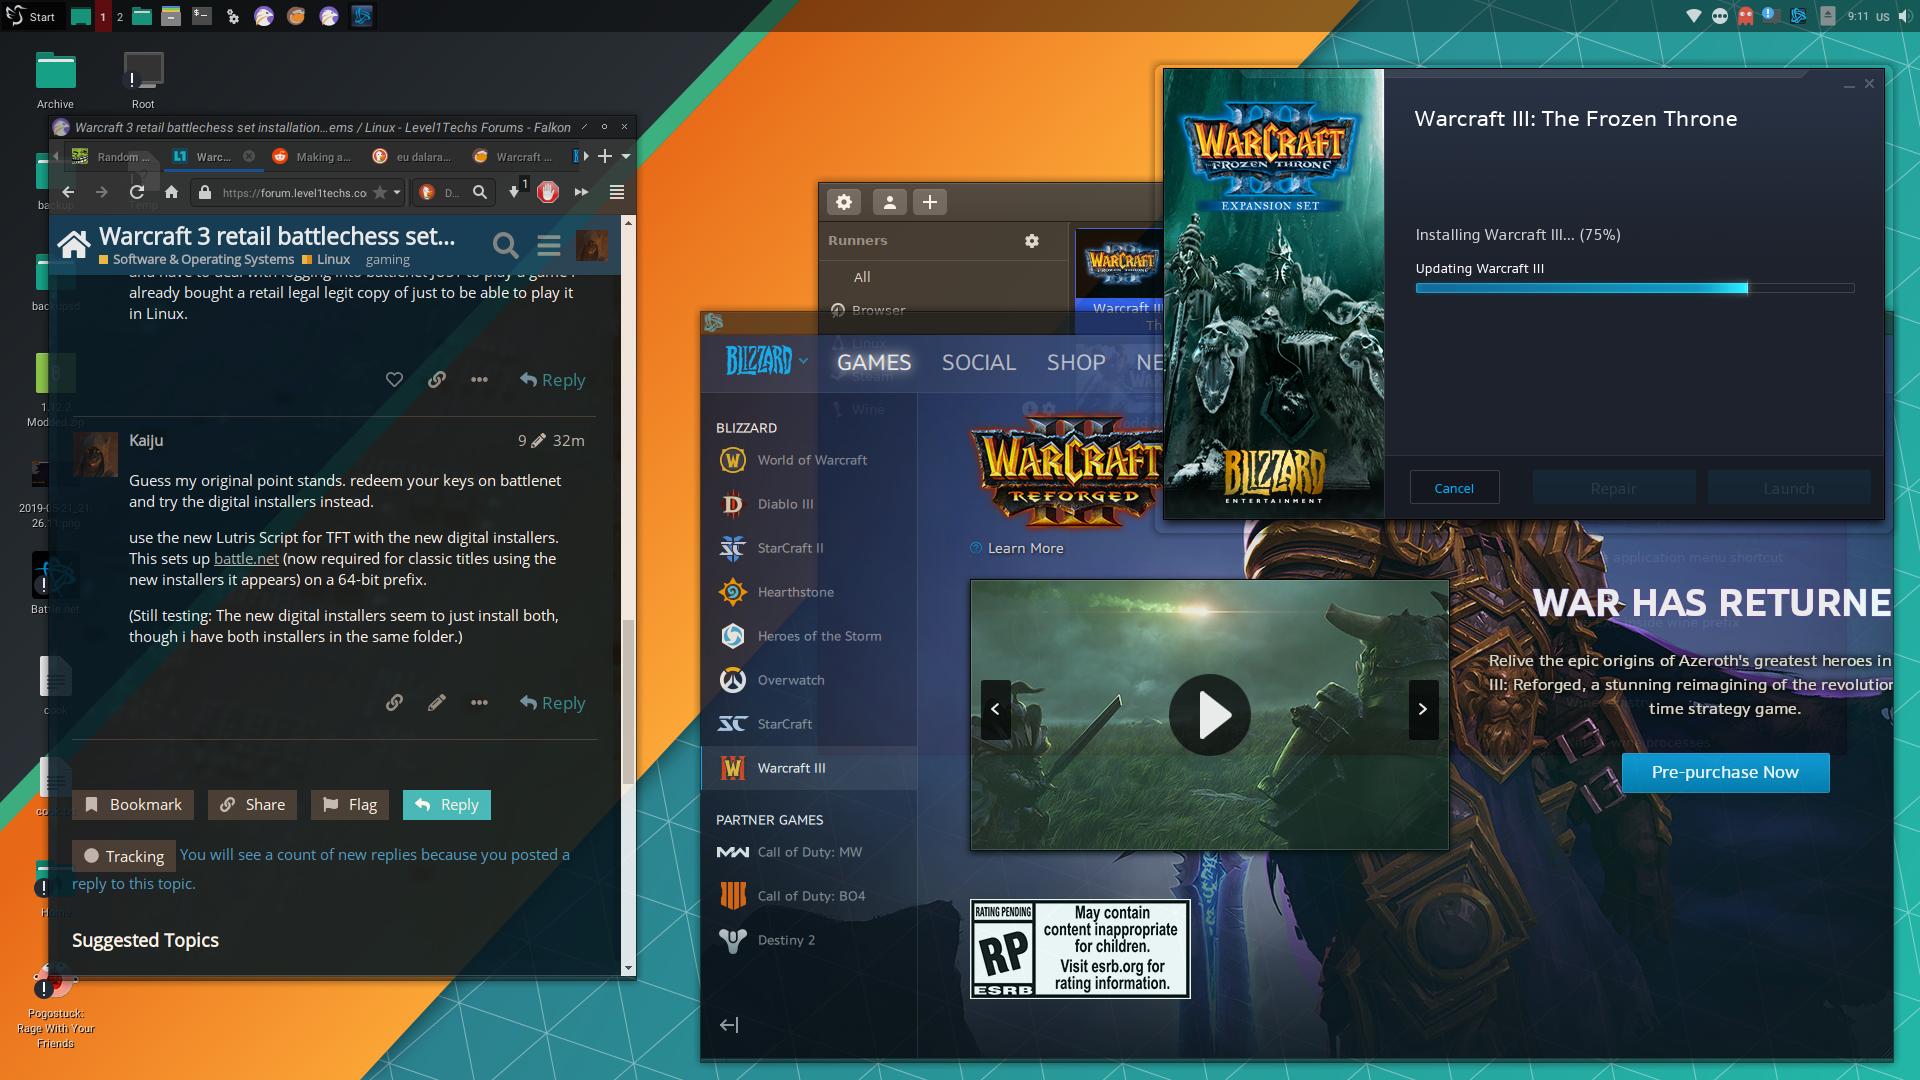 Warcraft 3 retail battlechess set installation - Linux